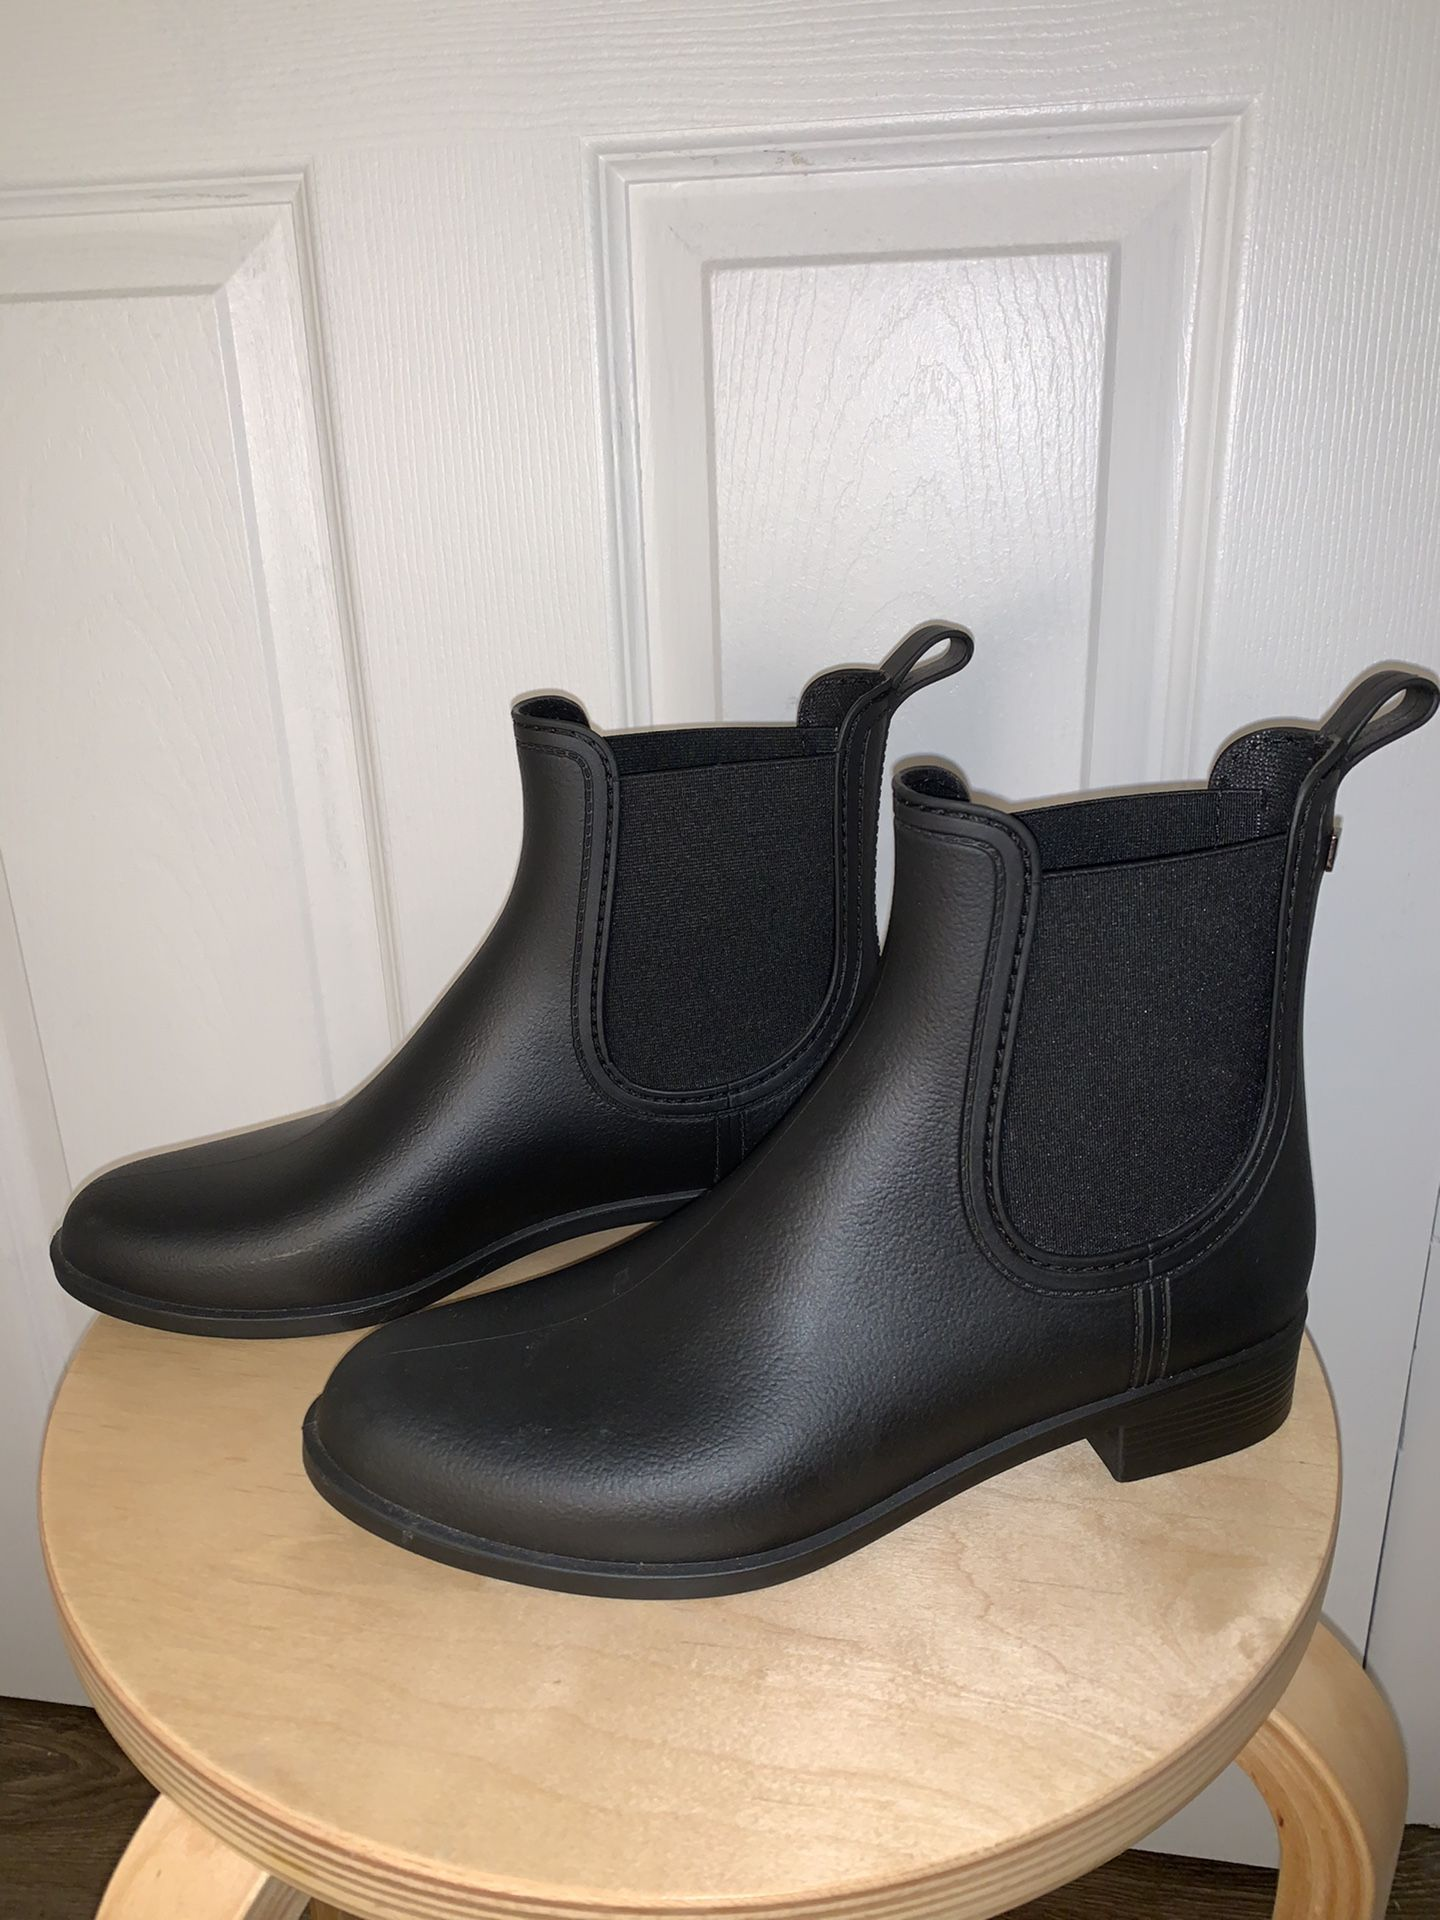 Aldo Rain Boot / Booties